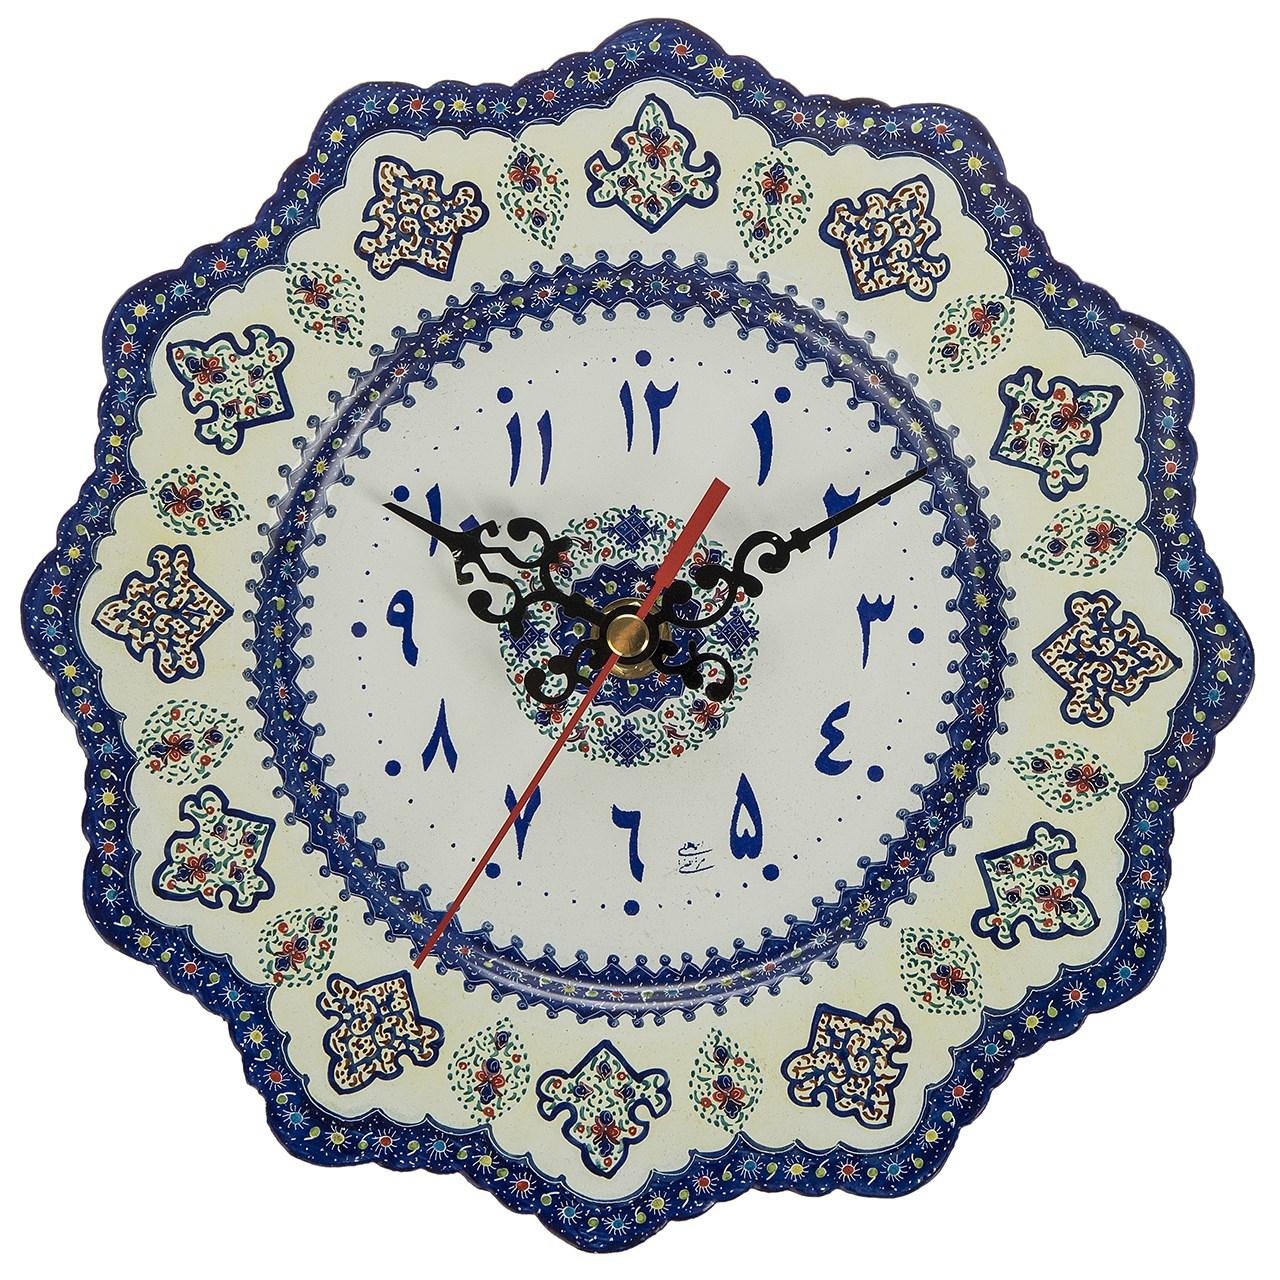 ساعت مسی میناکاری شده اثر اسماعیلی طرح 2 قطر 20 سانتی متر - اعداد فارسی